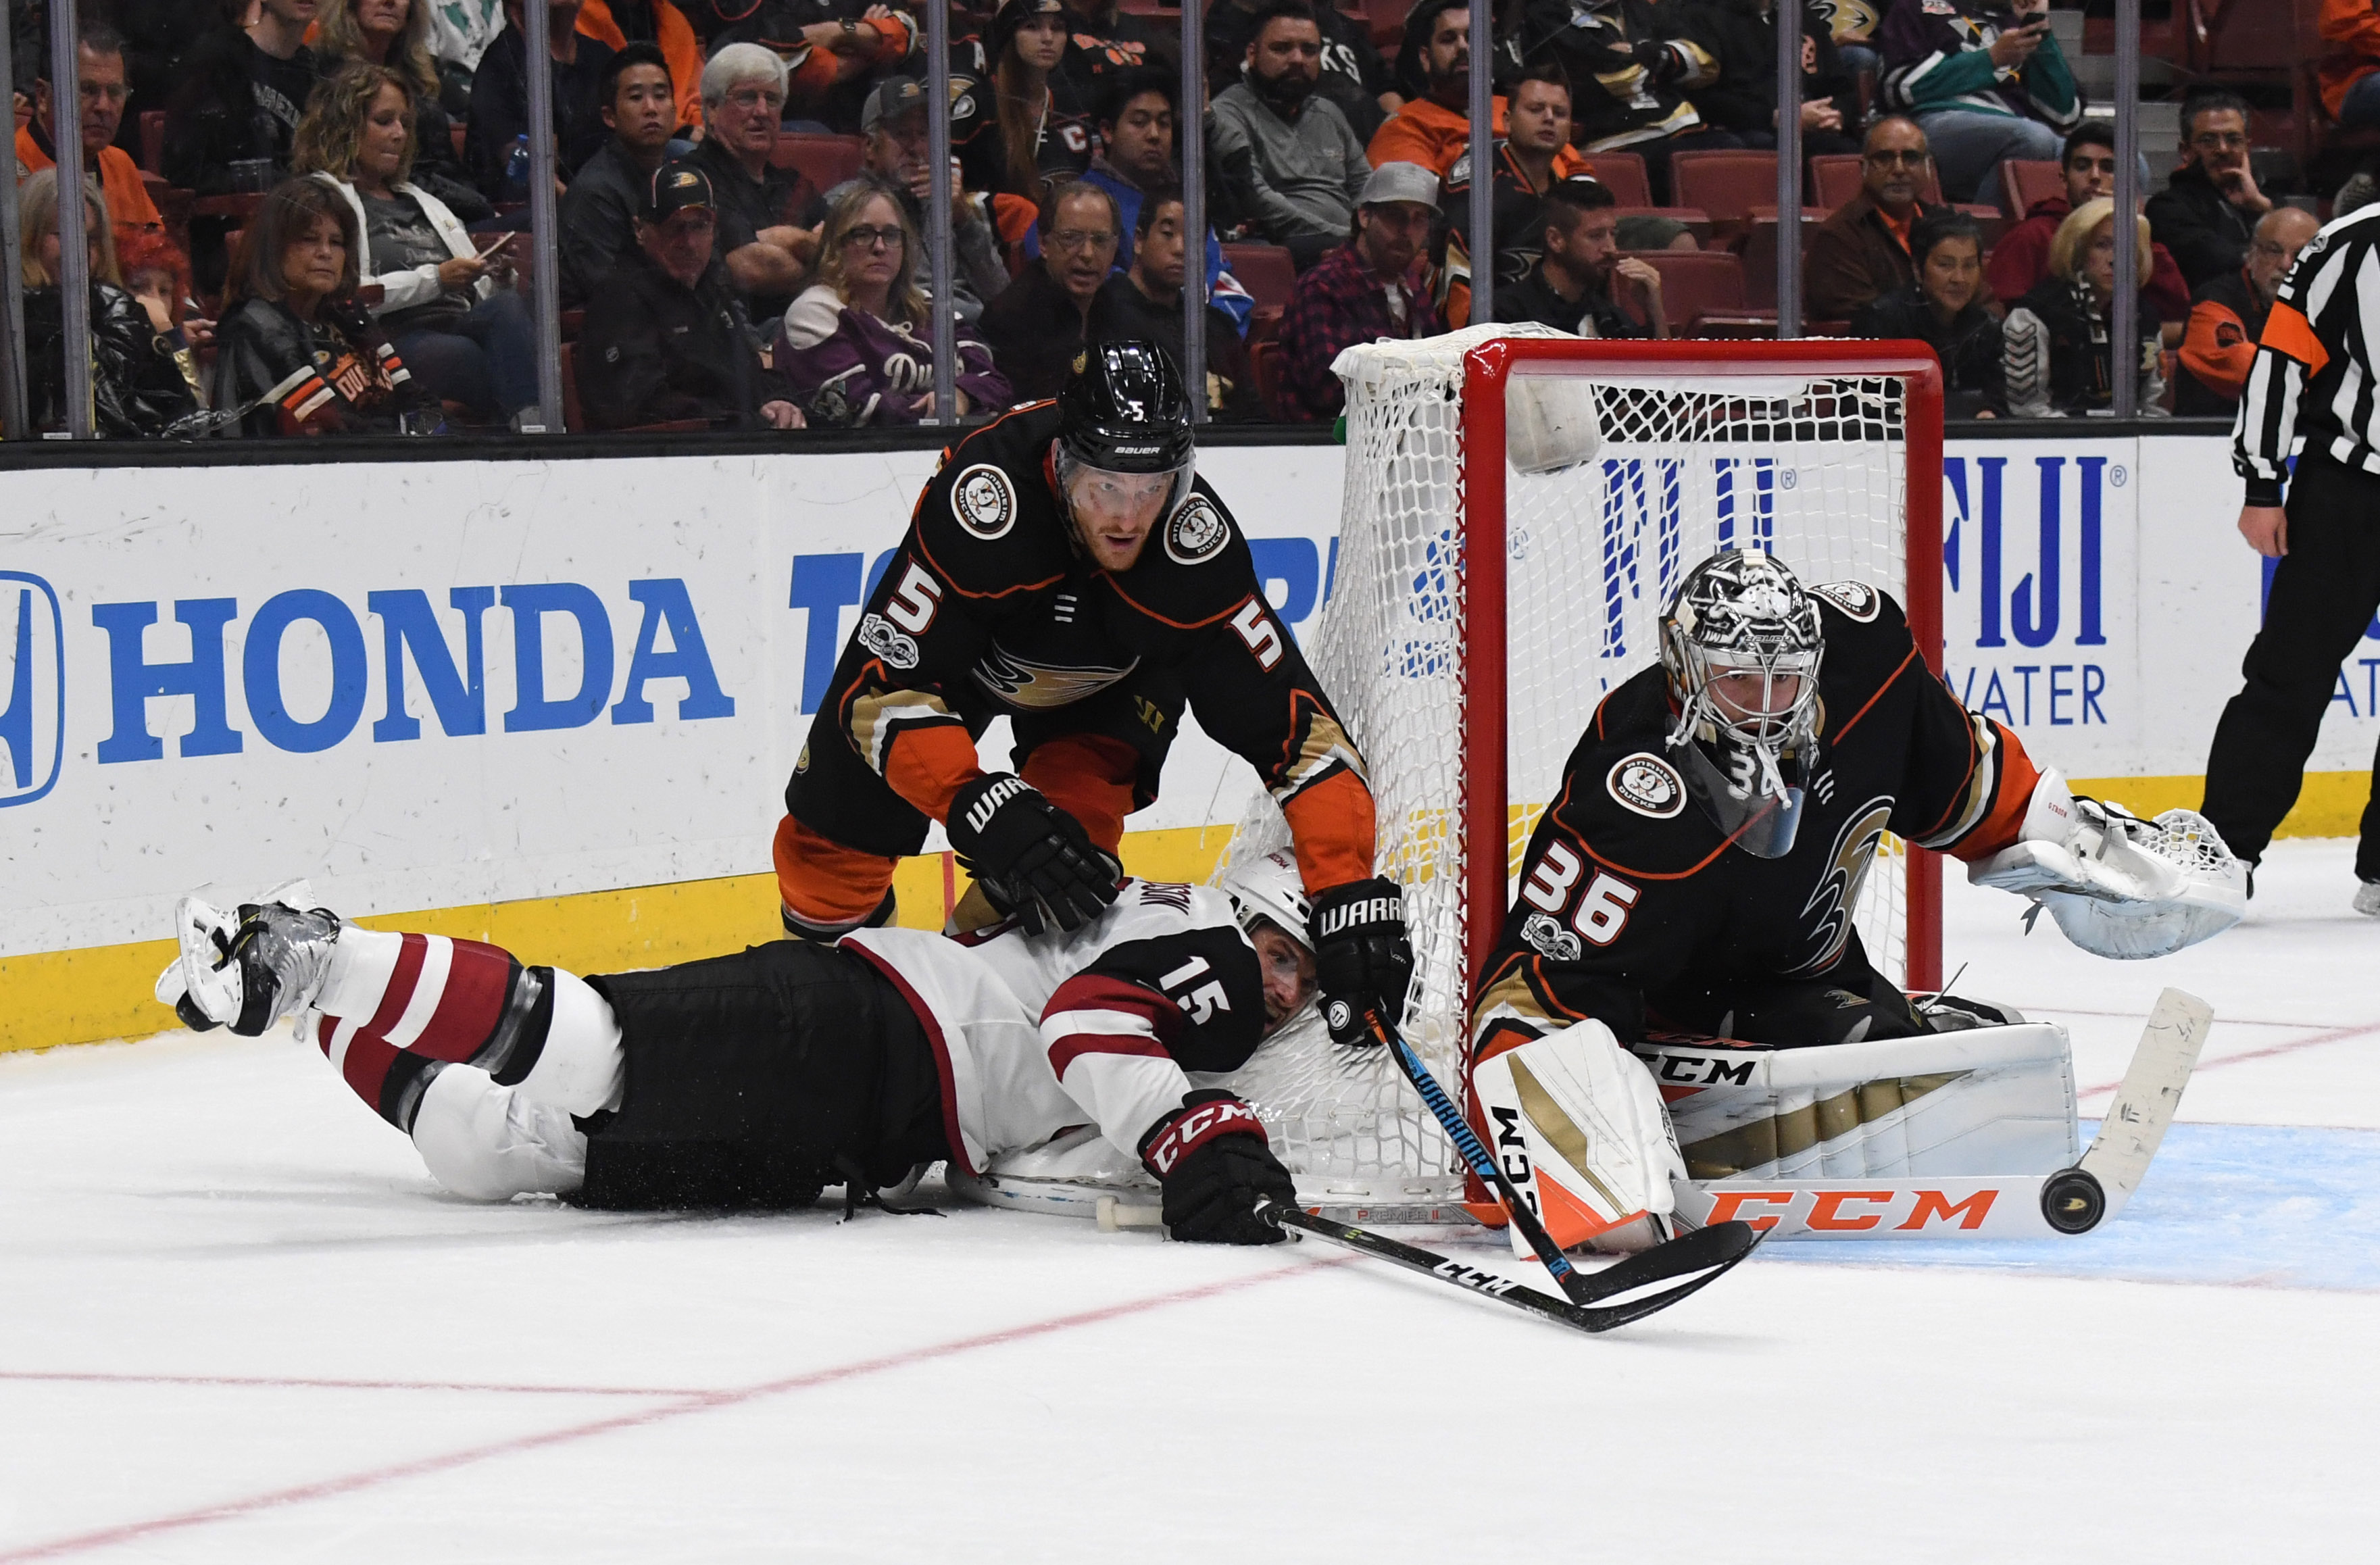 NHL: Arizona Coyotes at Anaheim Ducks